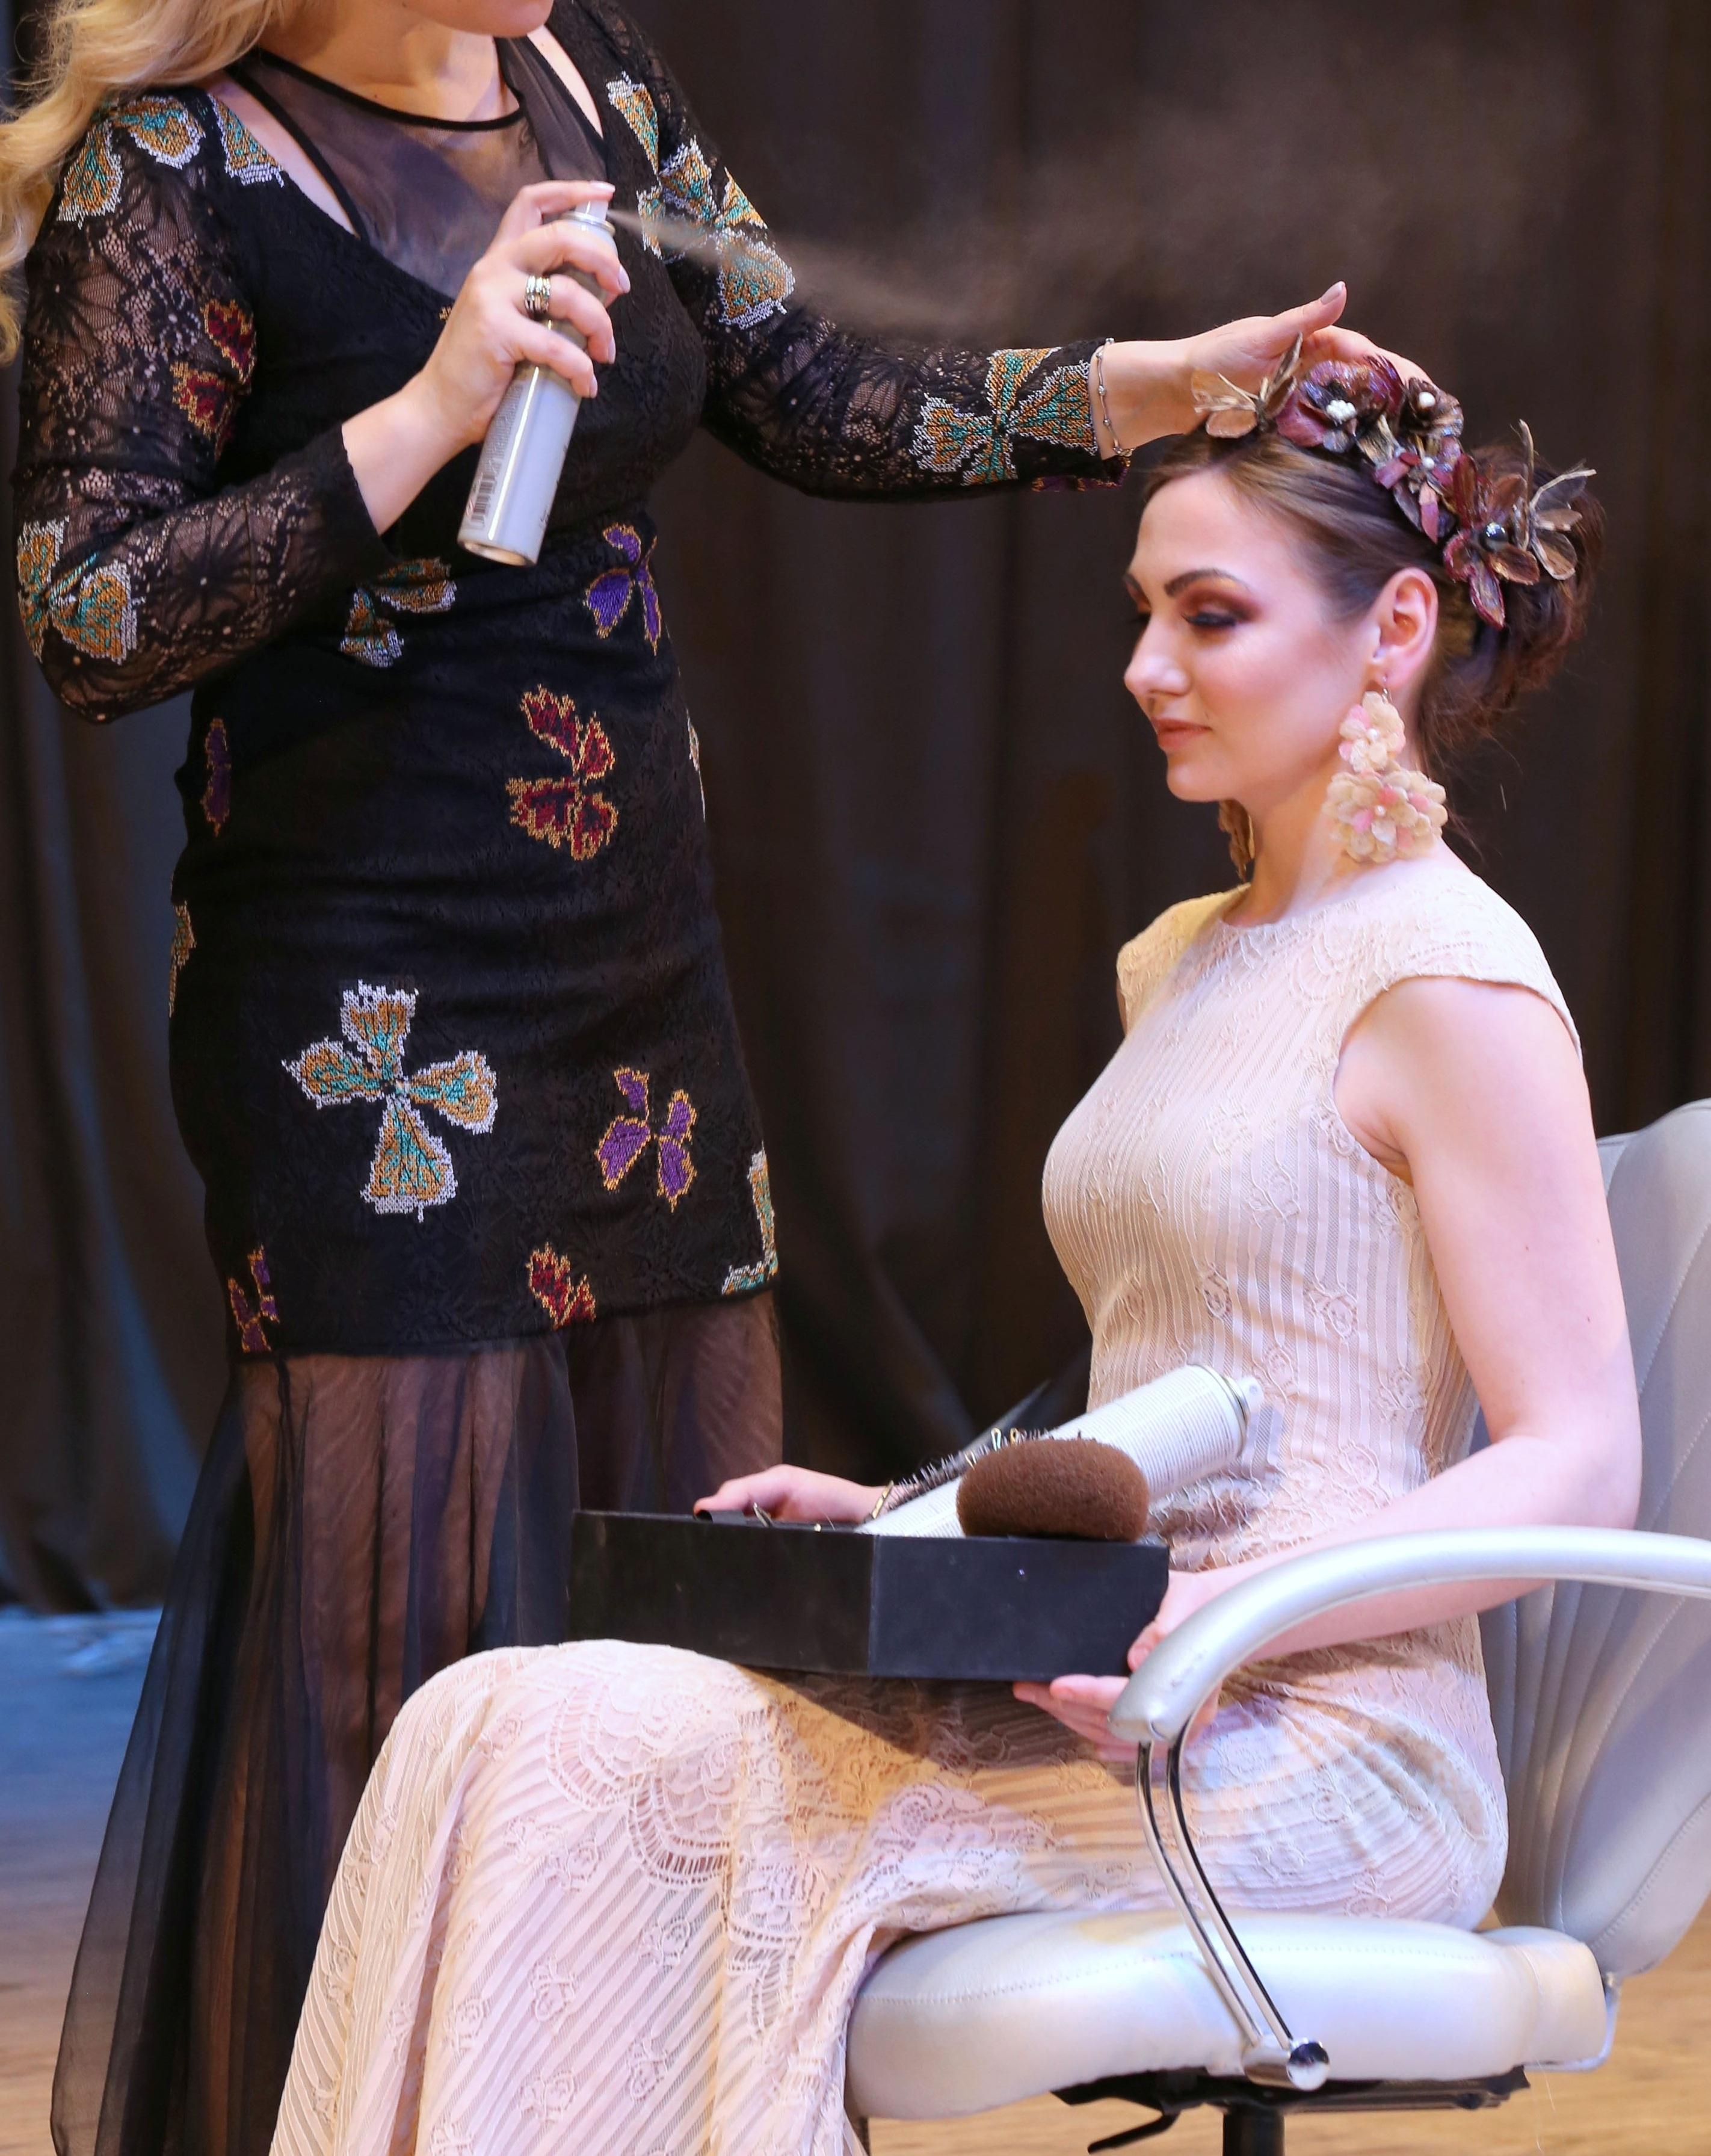 Ποια Ελληνίδα hair stylist βραβεύτηκε στο Κίεβο για τις ιδιαίτερες δημιουργίες της;   tlife.gr